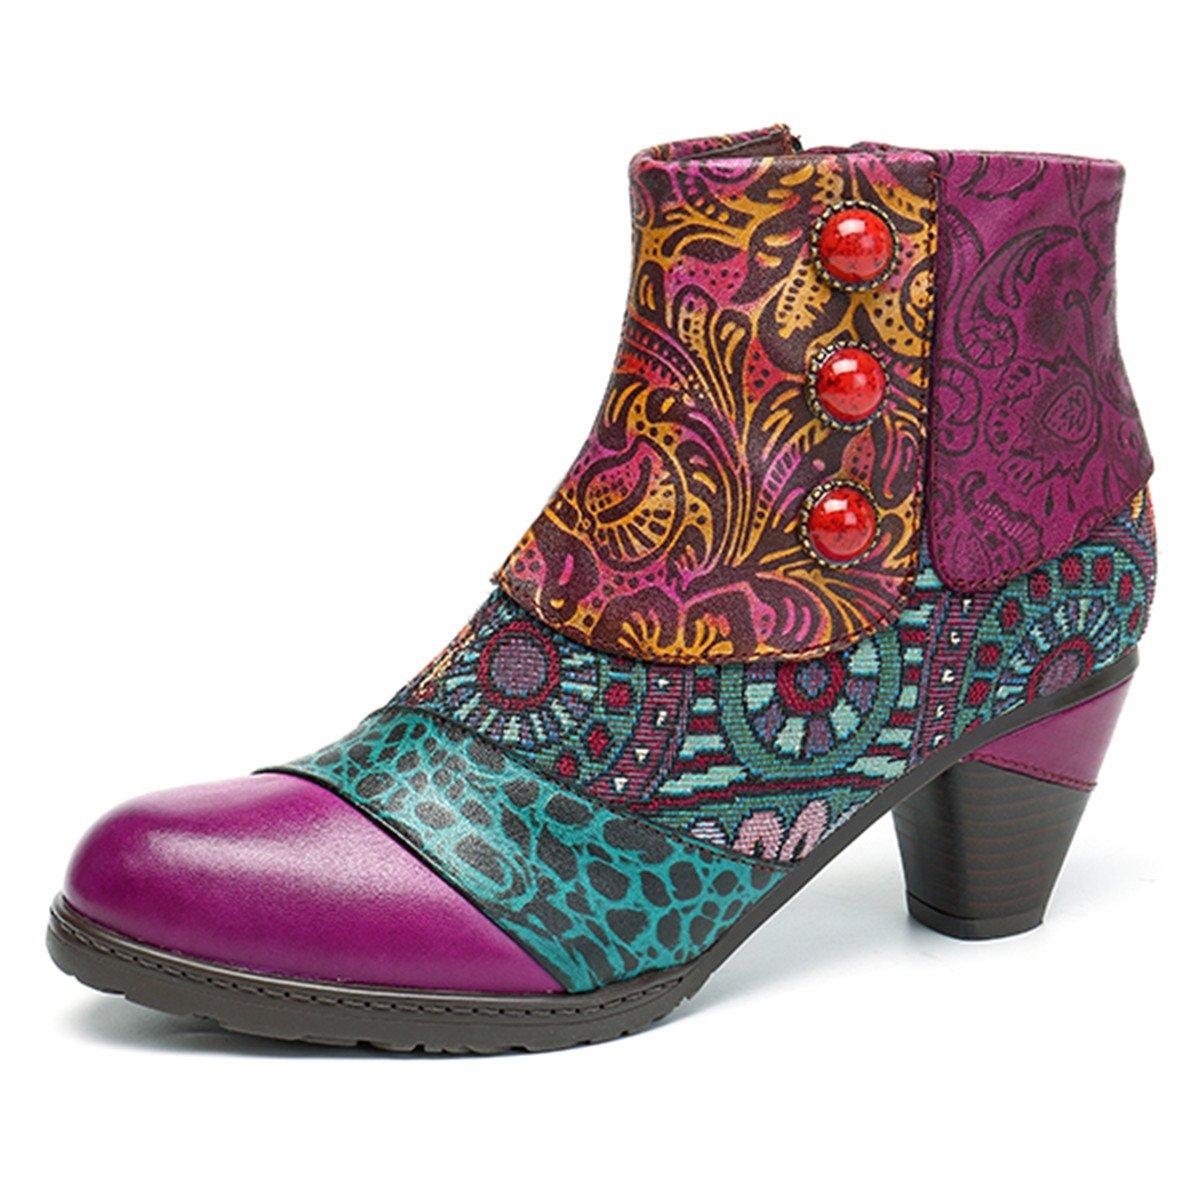 Socofy Block Heel Ankle Booties,Women's Bohemian Splicing Pattern Side Zipper High Block Heel Ankle Leather Boots B0785KLKGP 5 B(M) US|Purple